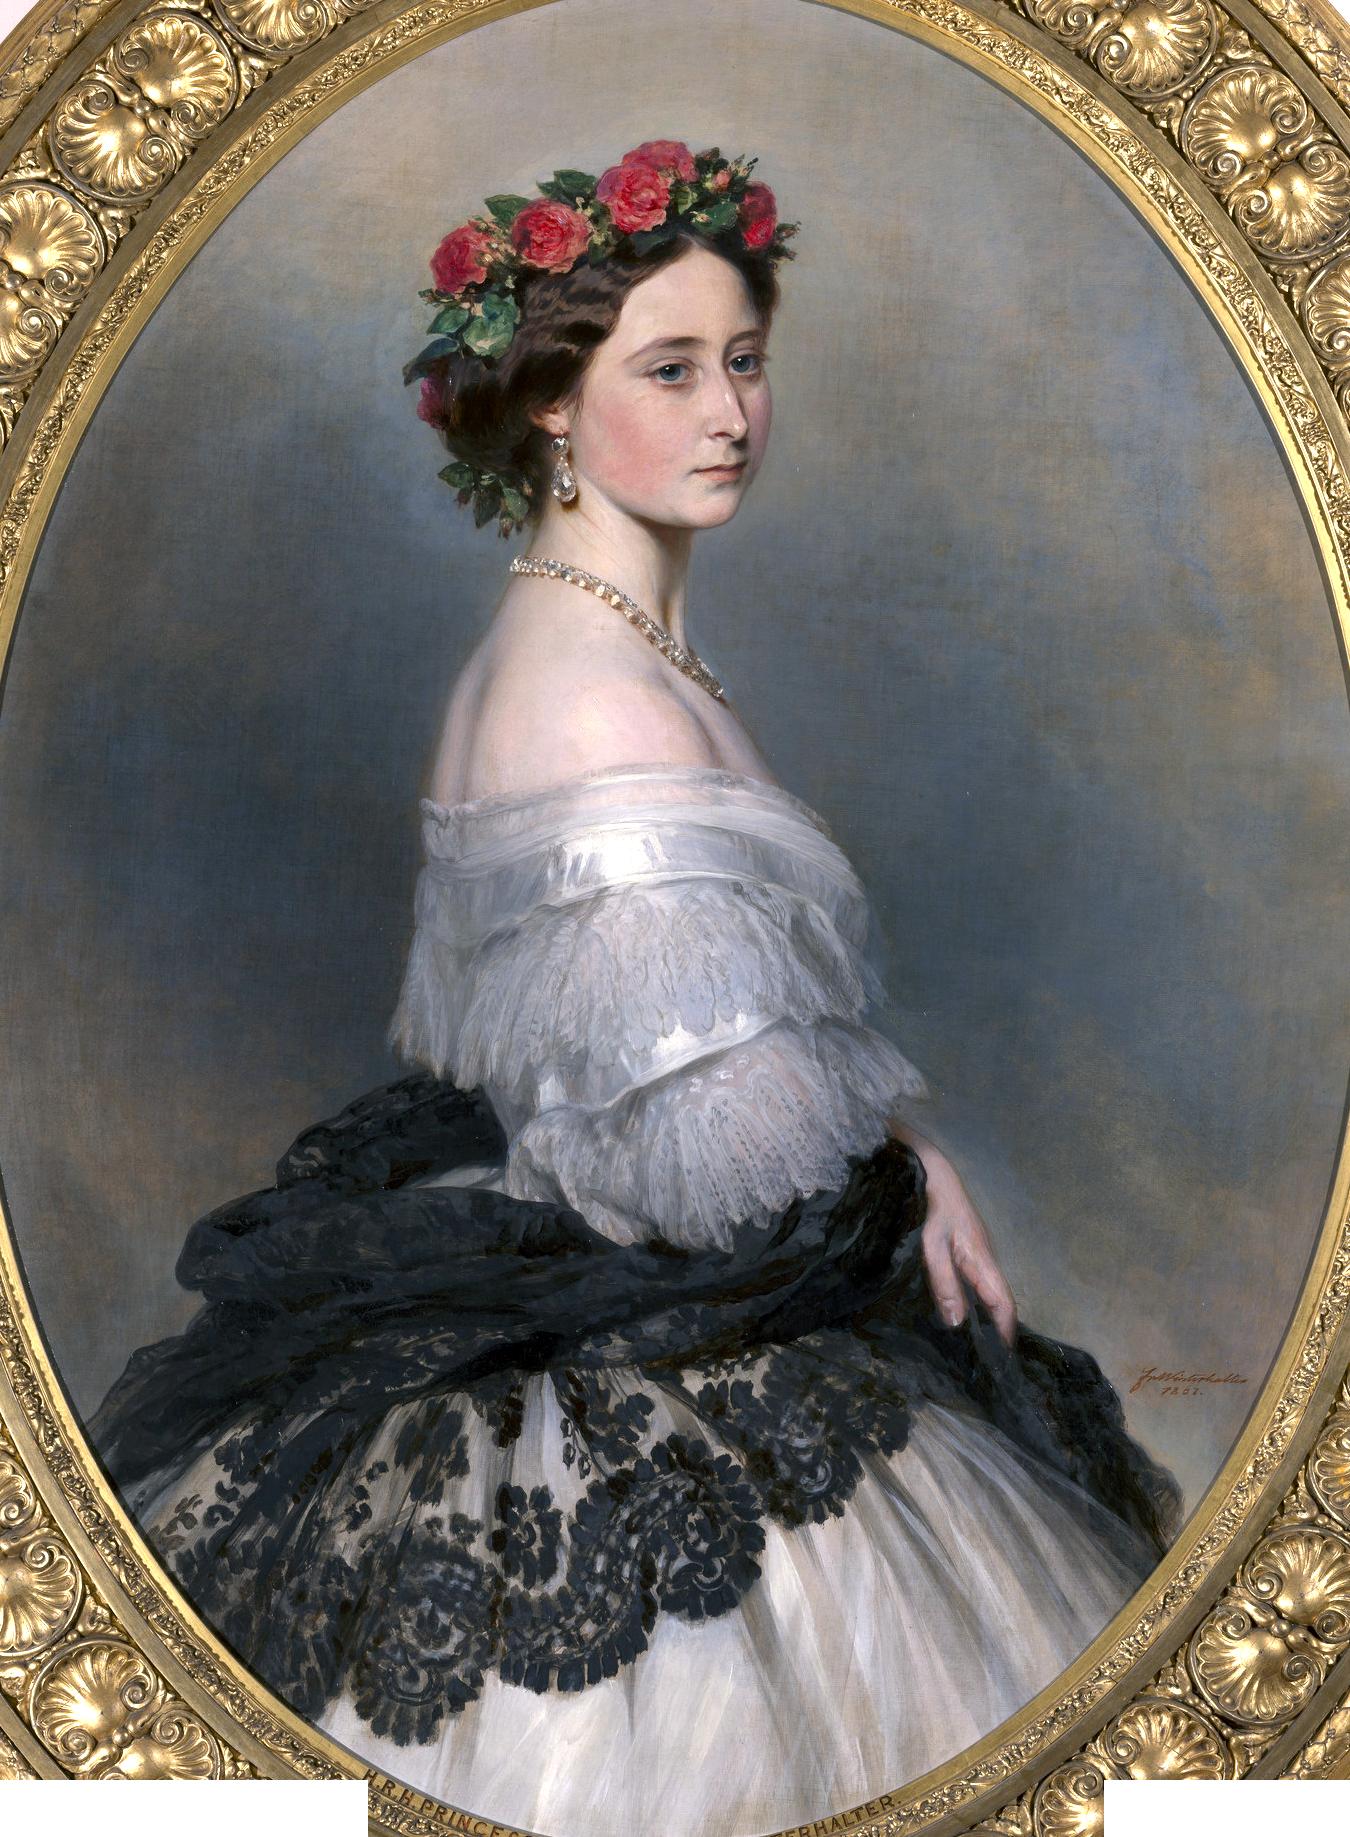 1861   Alice of Saxe-Coburg and Gotha (1843-1878)   Franz Xaver Winterhalter (1805-73)